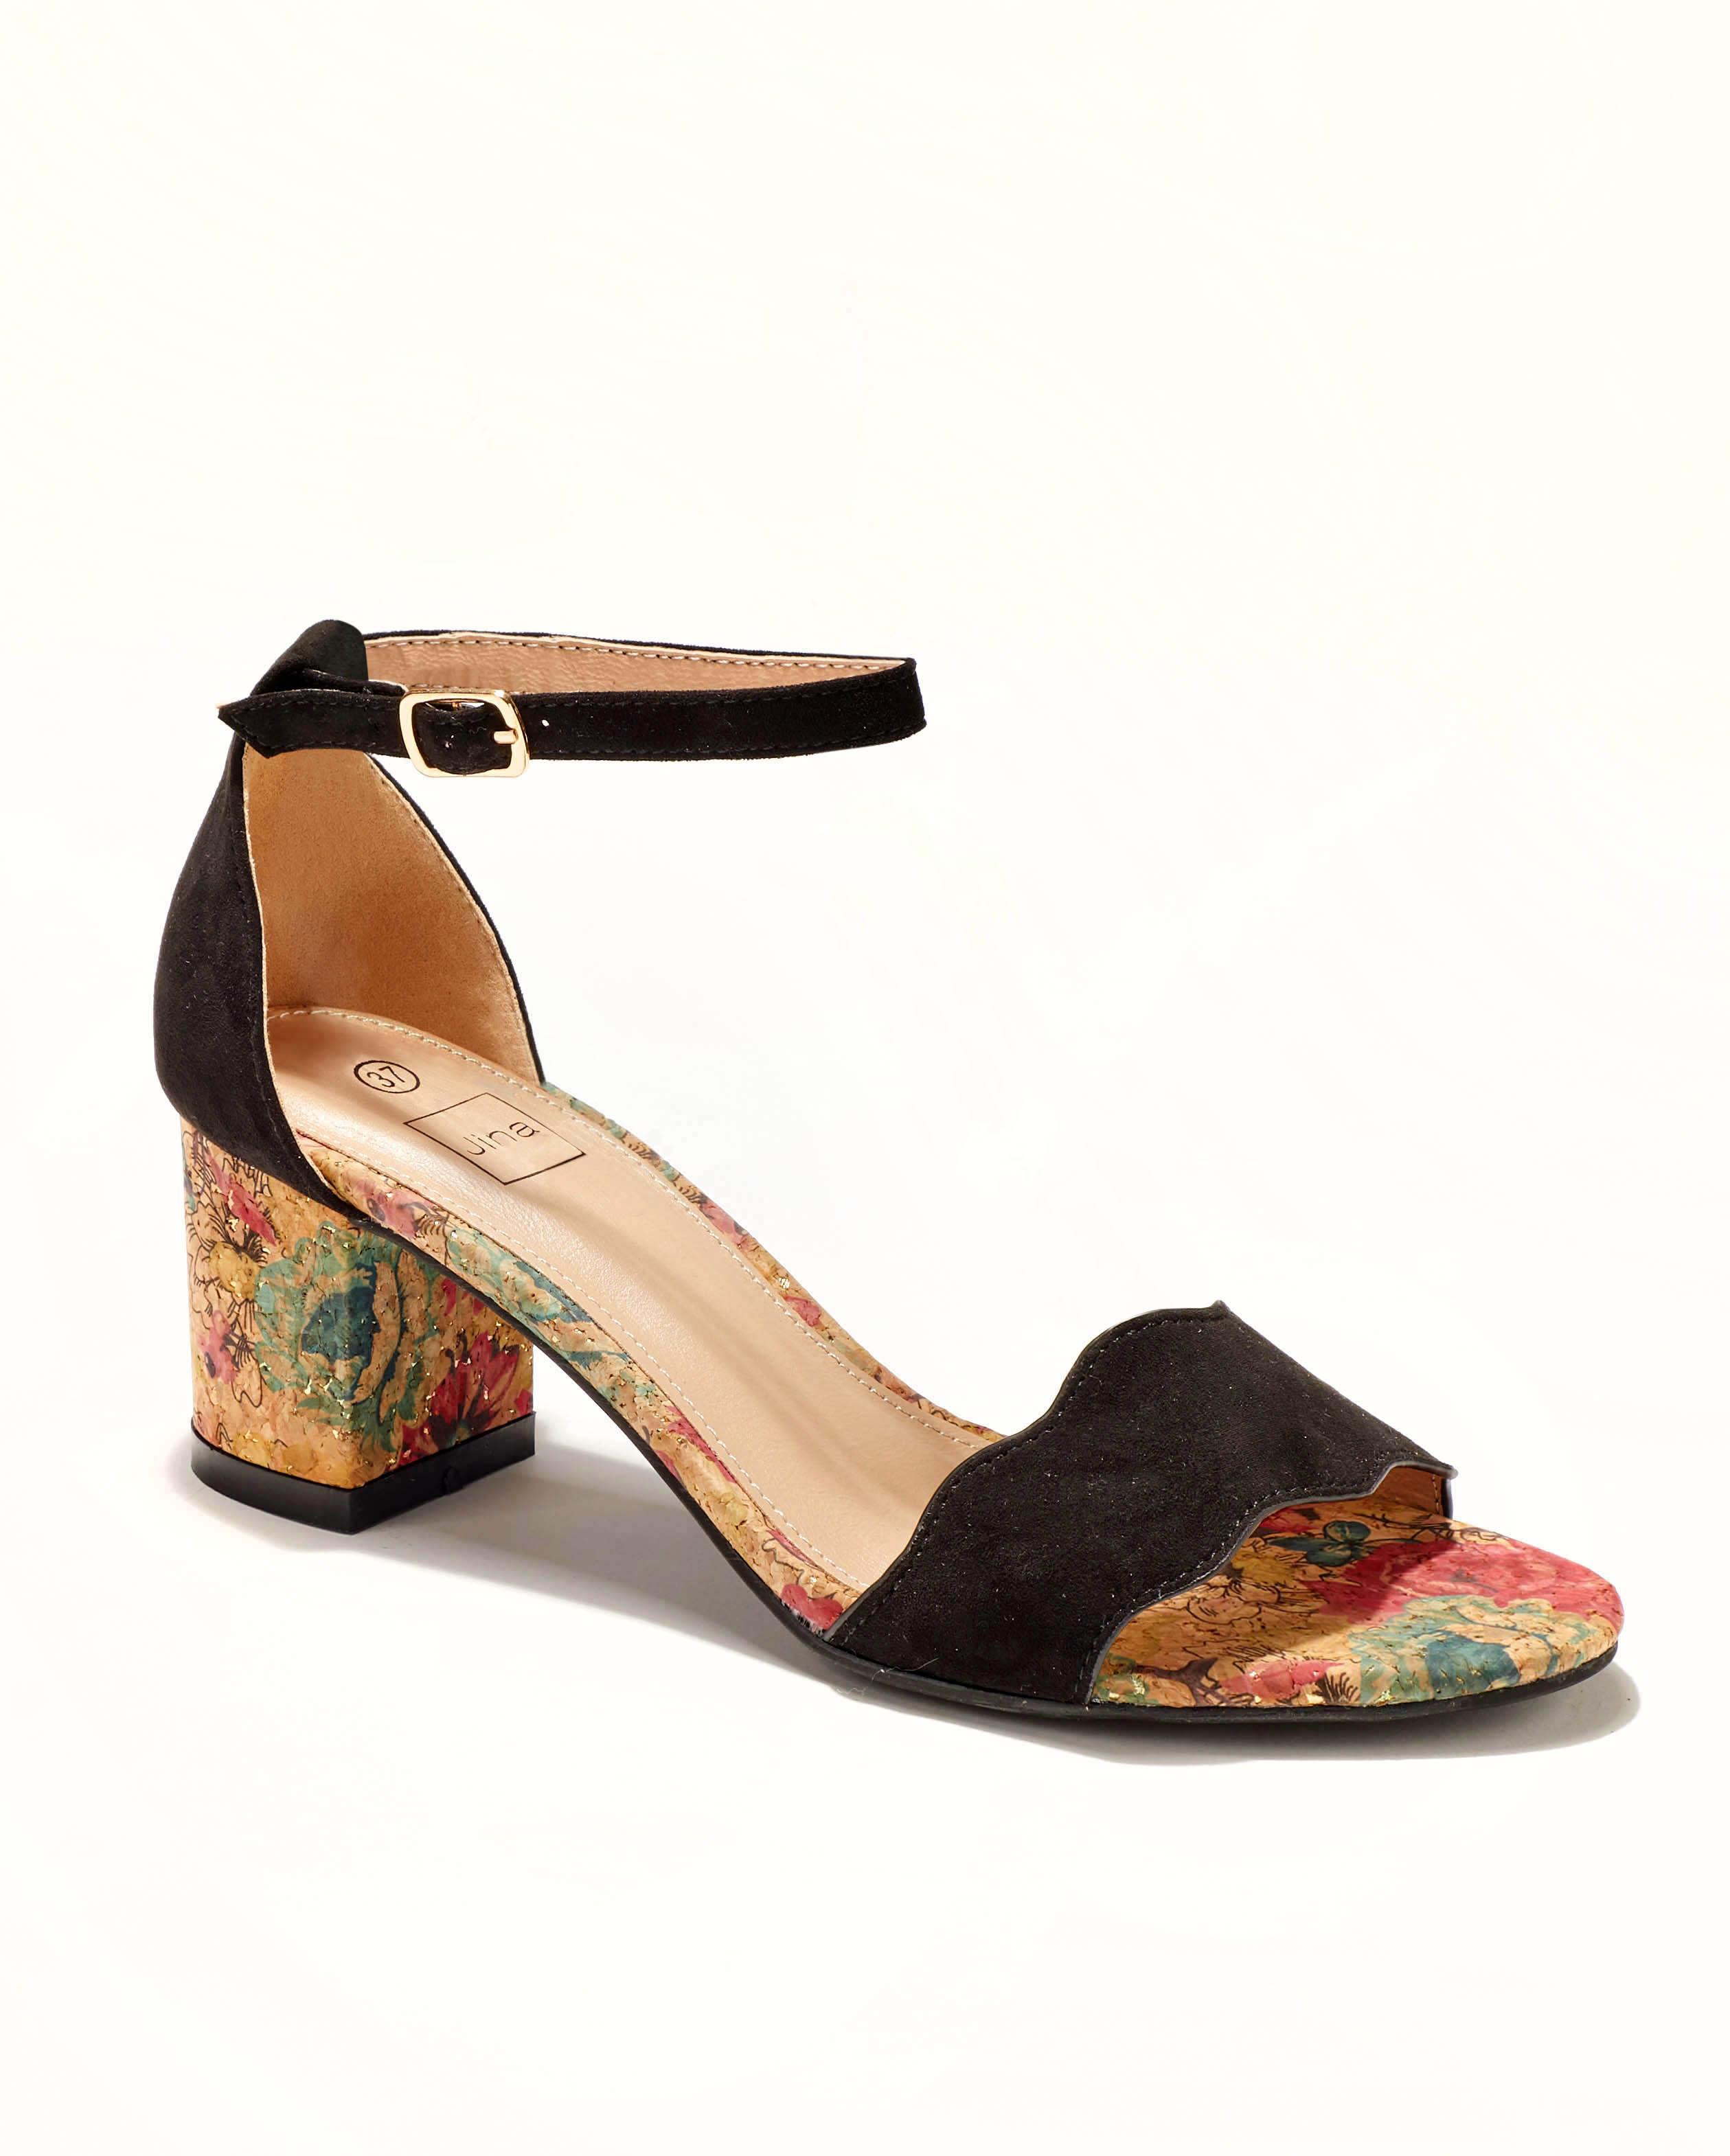 Sandales À Talons Femme - Sandale Talon Decrochee Noir Jina - Gf8793-3